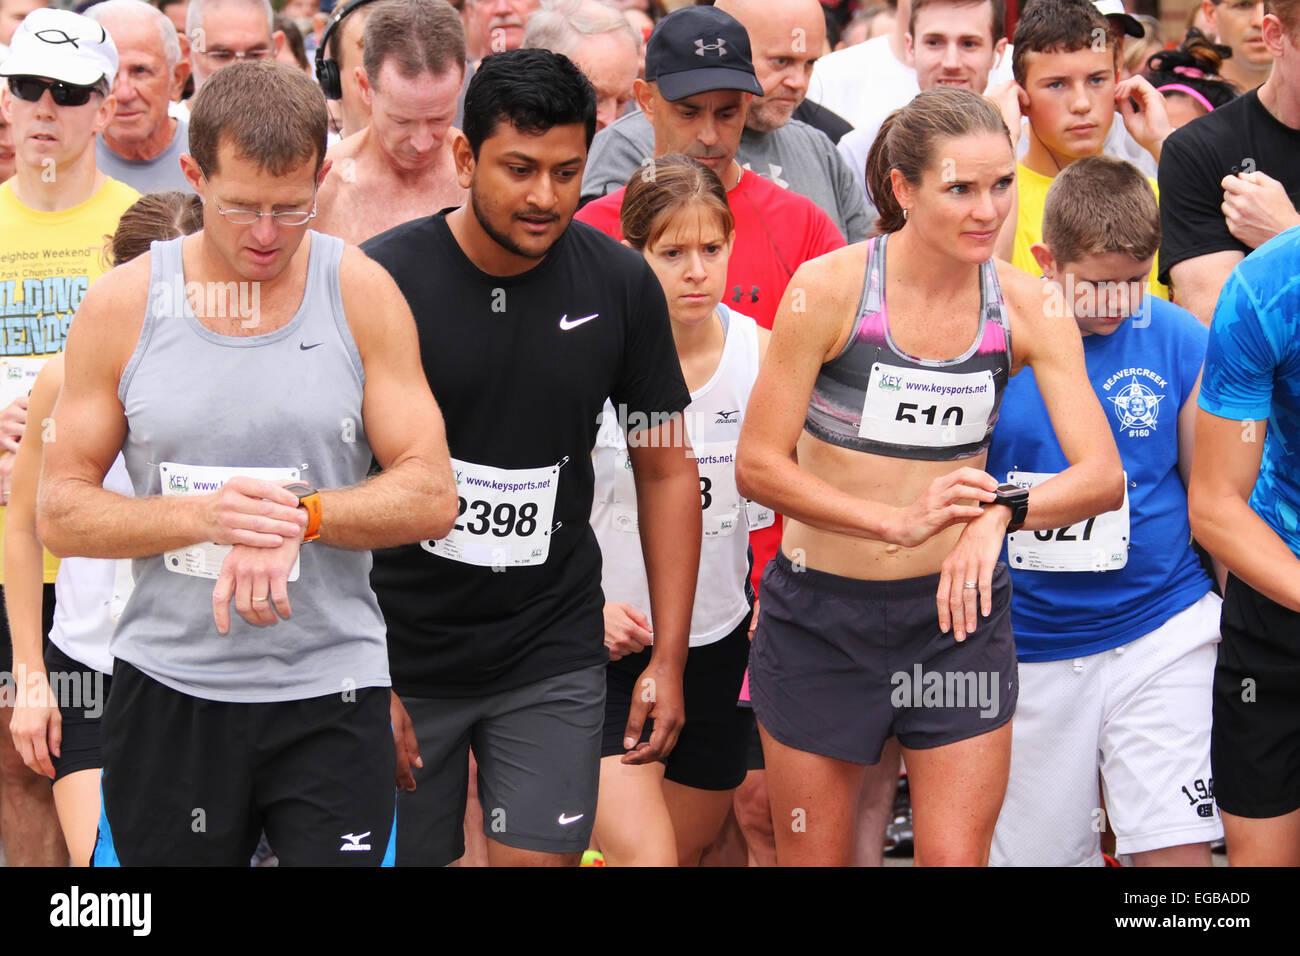 Runners preparing for a 5K run or walk sports event. Beavercreek Popcorn Festival, Beavercreek, Dayton, Ohio, USA. - Stock Image